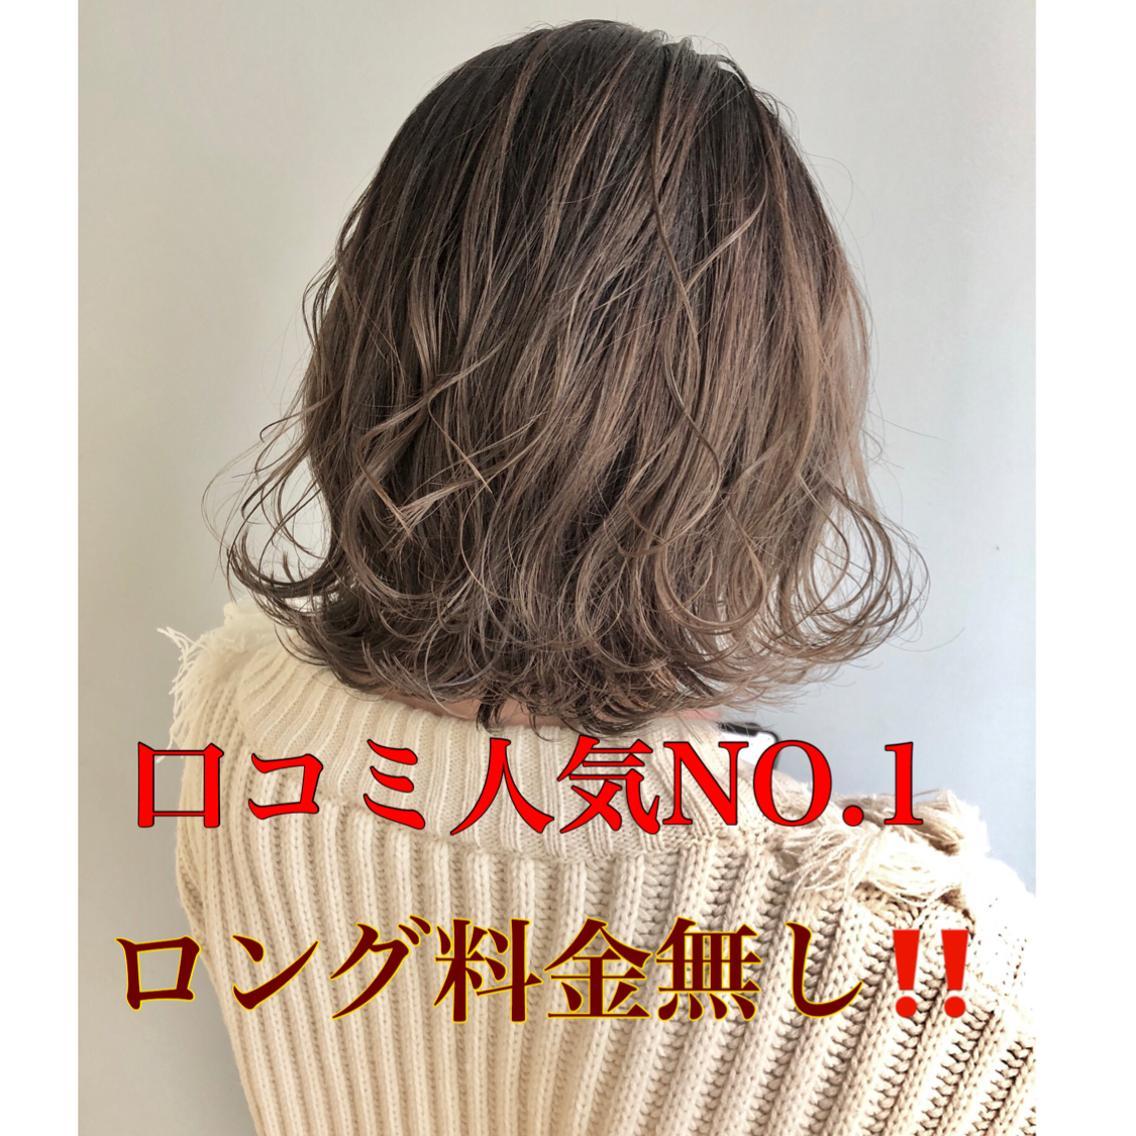 ⭐️【minimo限定70%OFF】小顔カット、カラー、パーマ、oggi ottoトリートメント付き⭐️